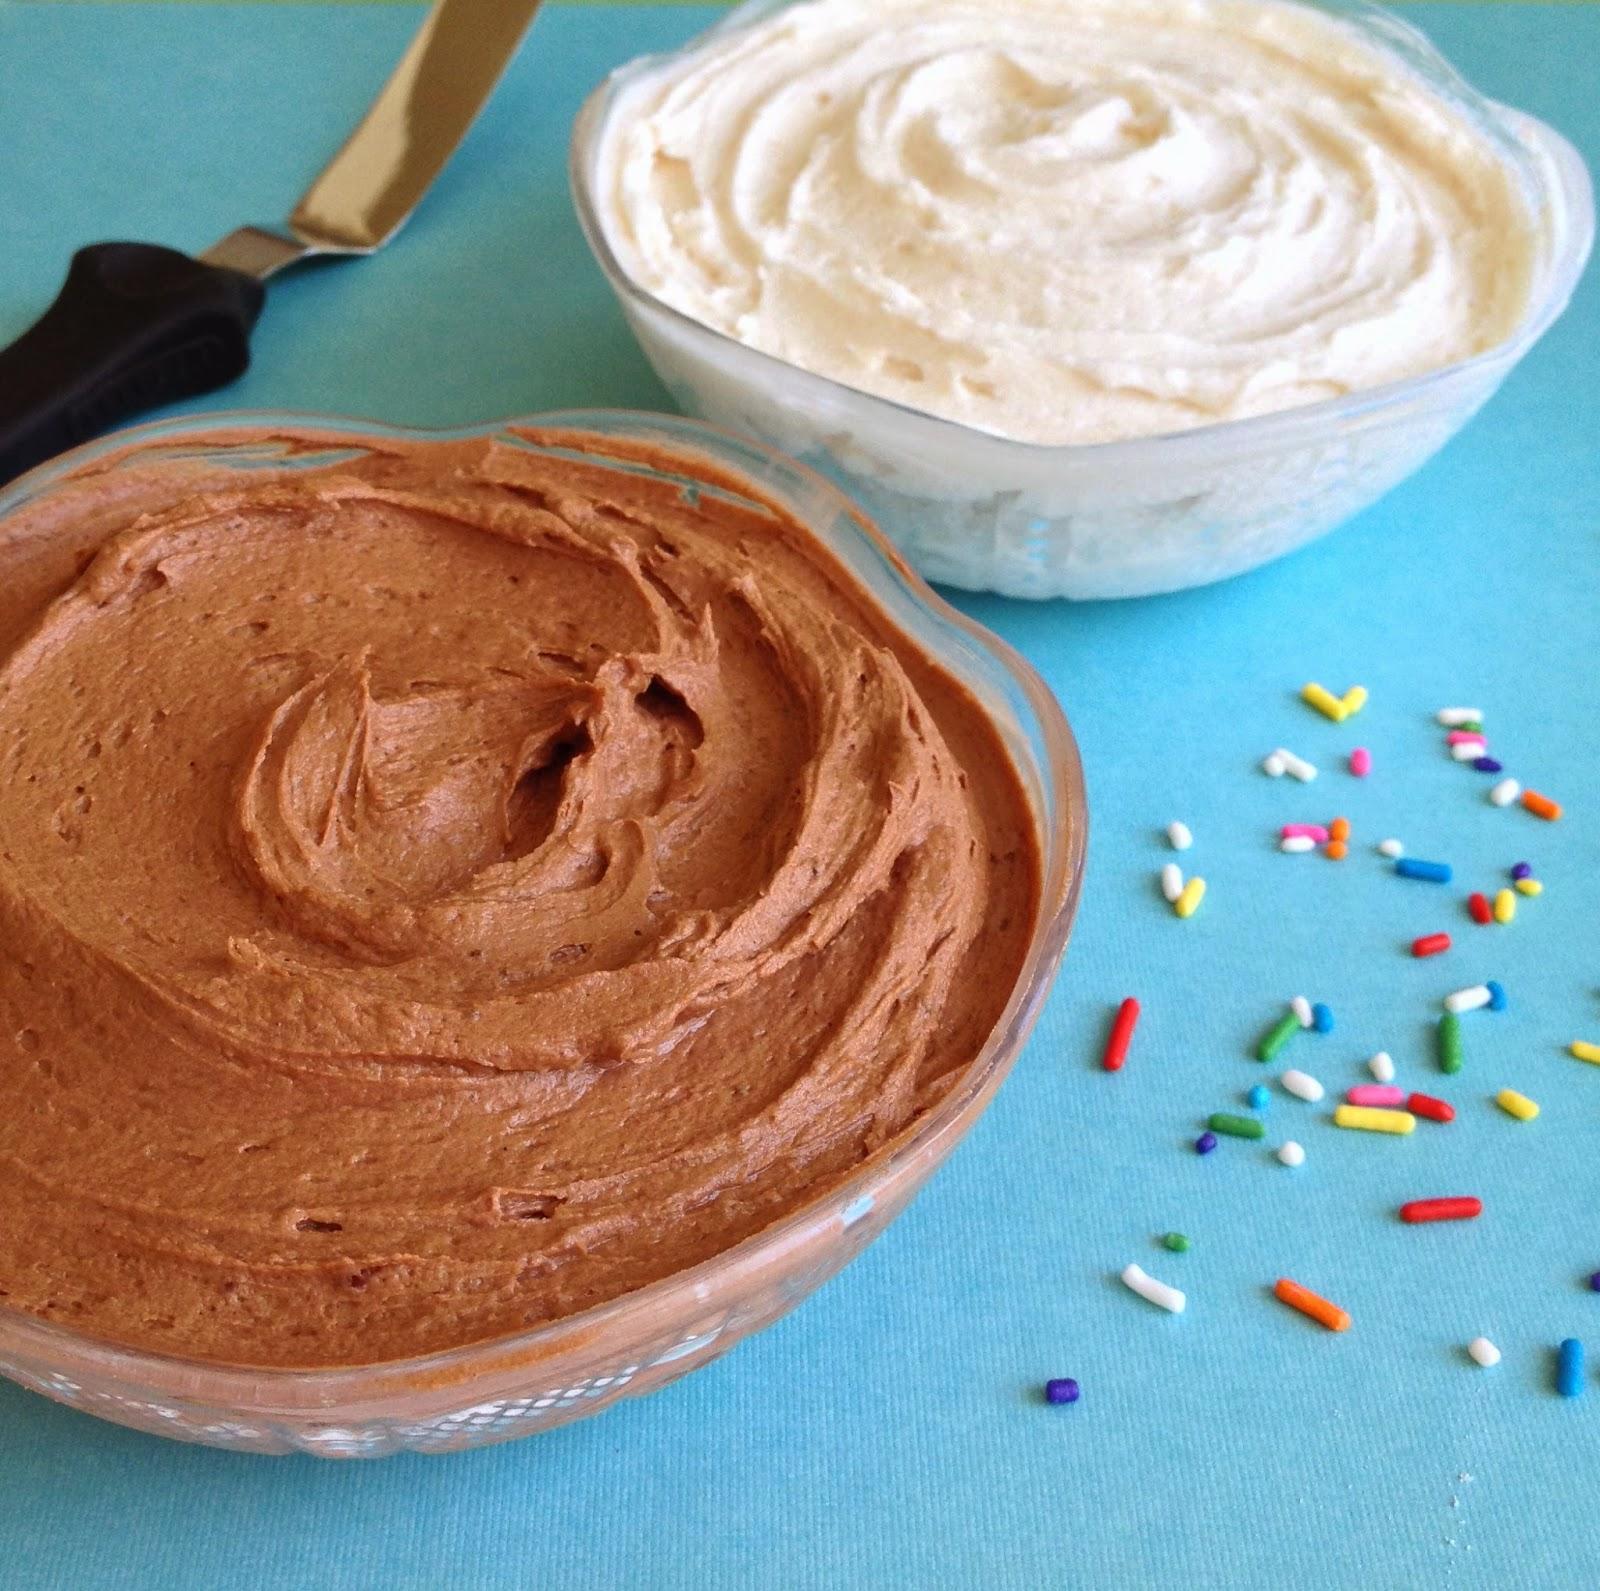 http://blog.dollhousebakeshoppe.com/2014/07/video-best-buttercream-frosting-ever-in.html